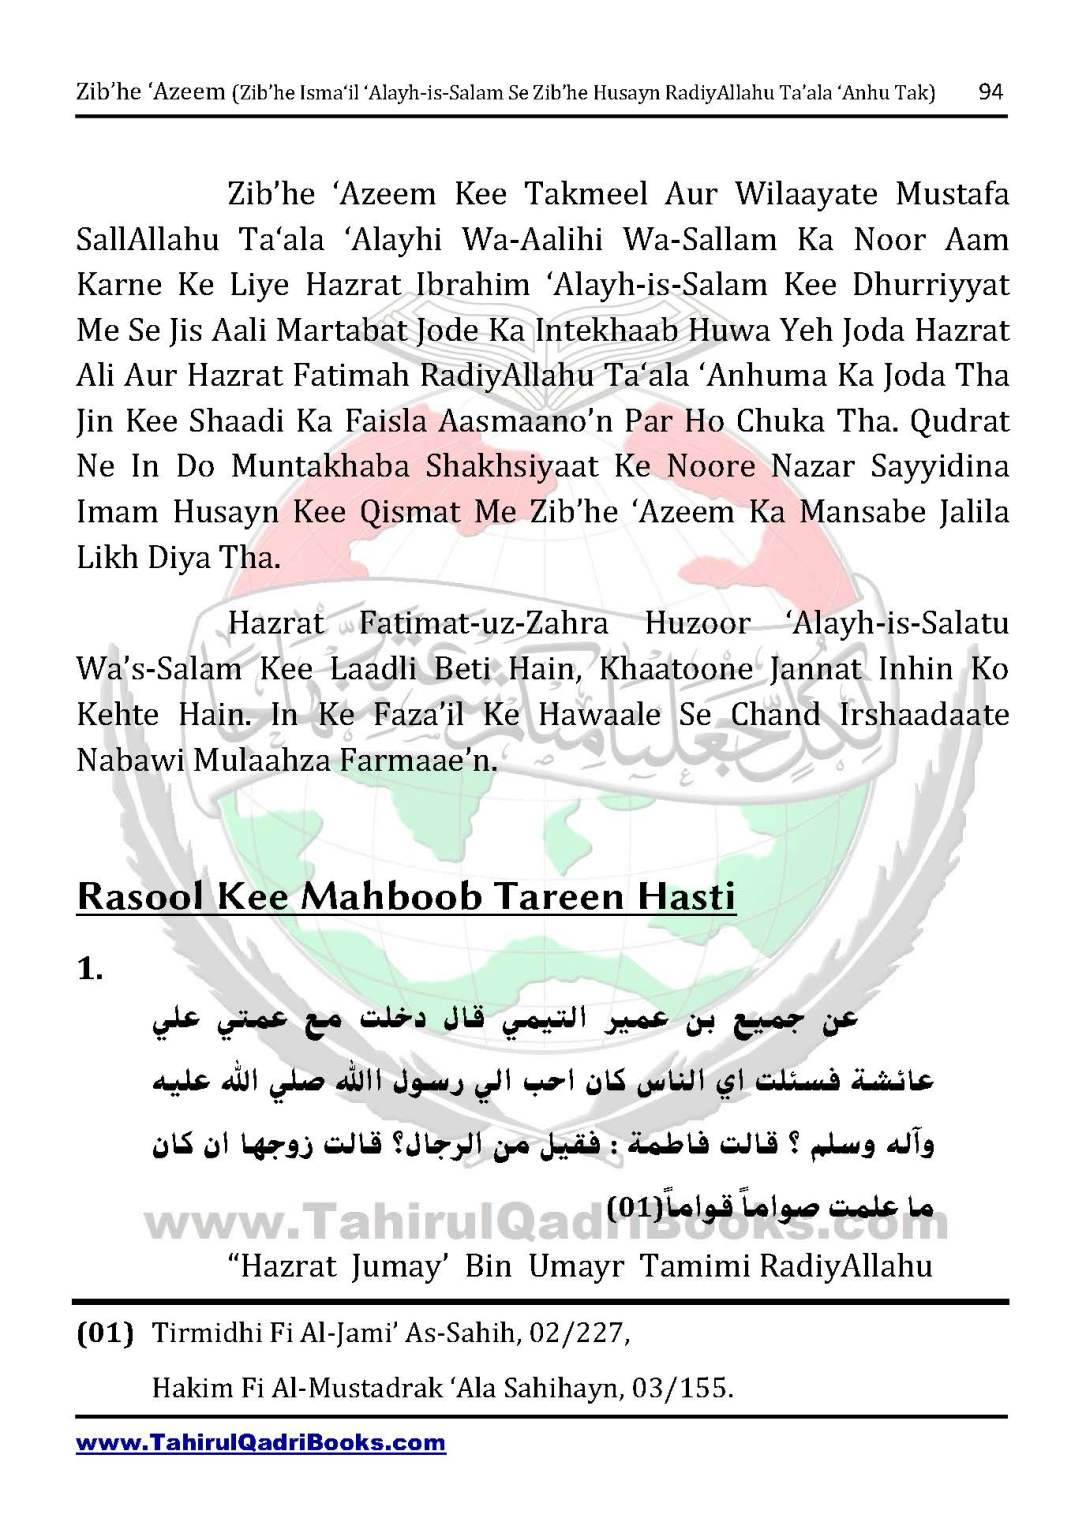 zib_he-e28098azeem-zib_he-ismacabbil-se-zib_he-husayn-tak-in-roman-urdu-unlocked_Page_094